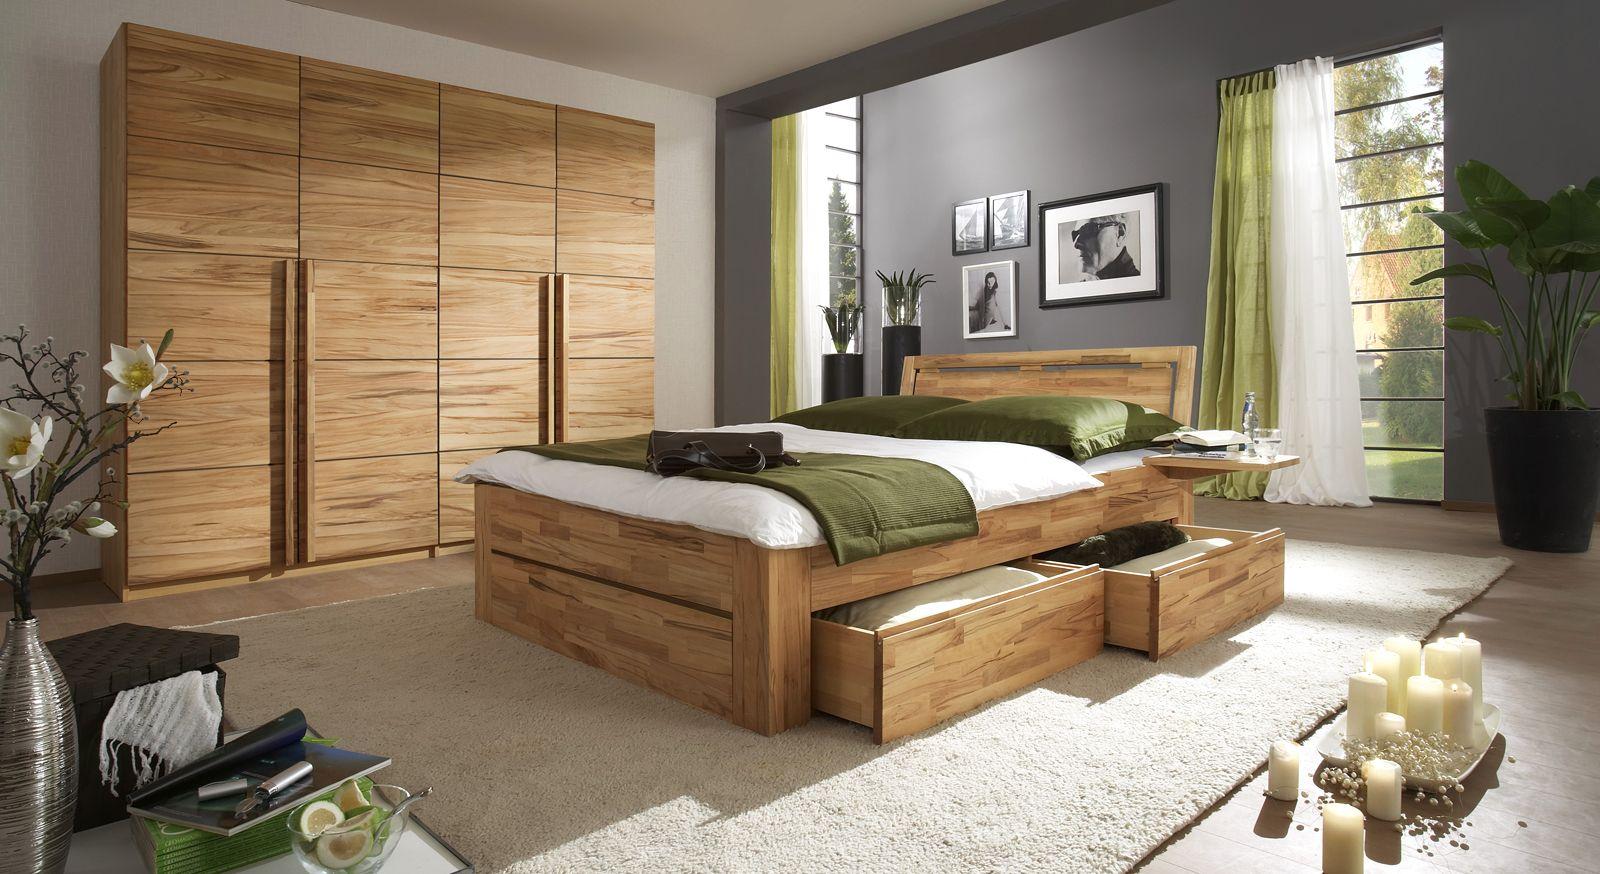 Komplett-Schlafzimmer aus Massivholz- Andalucia | Komplettes ...